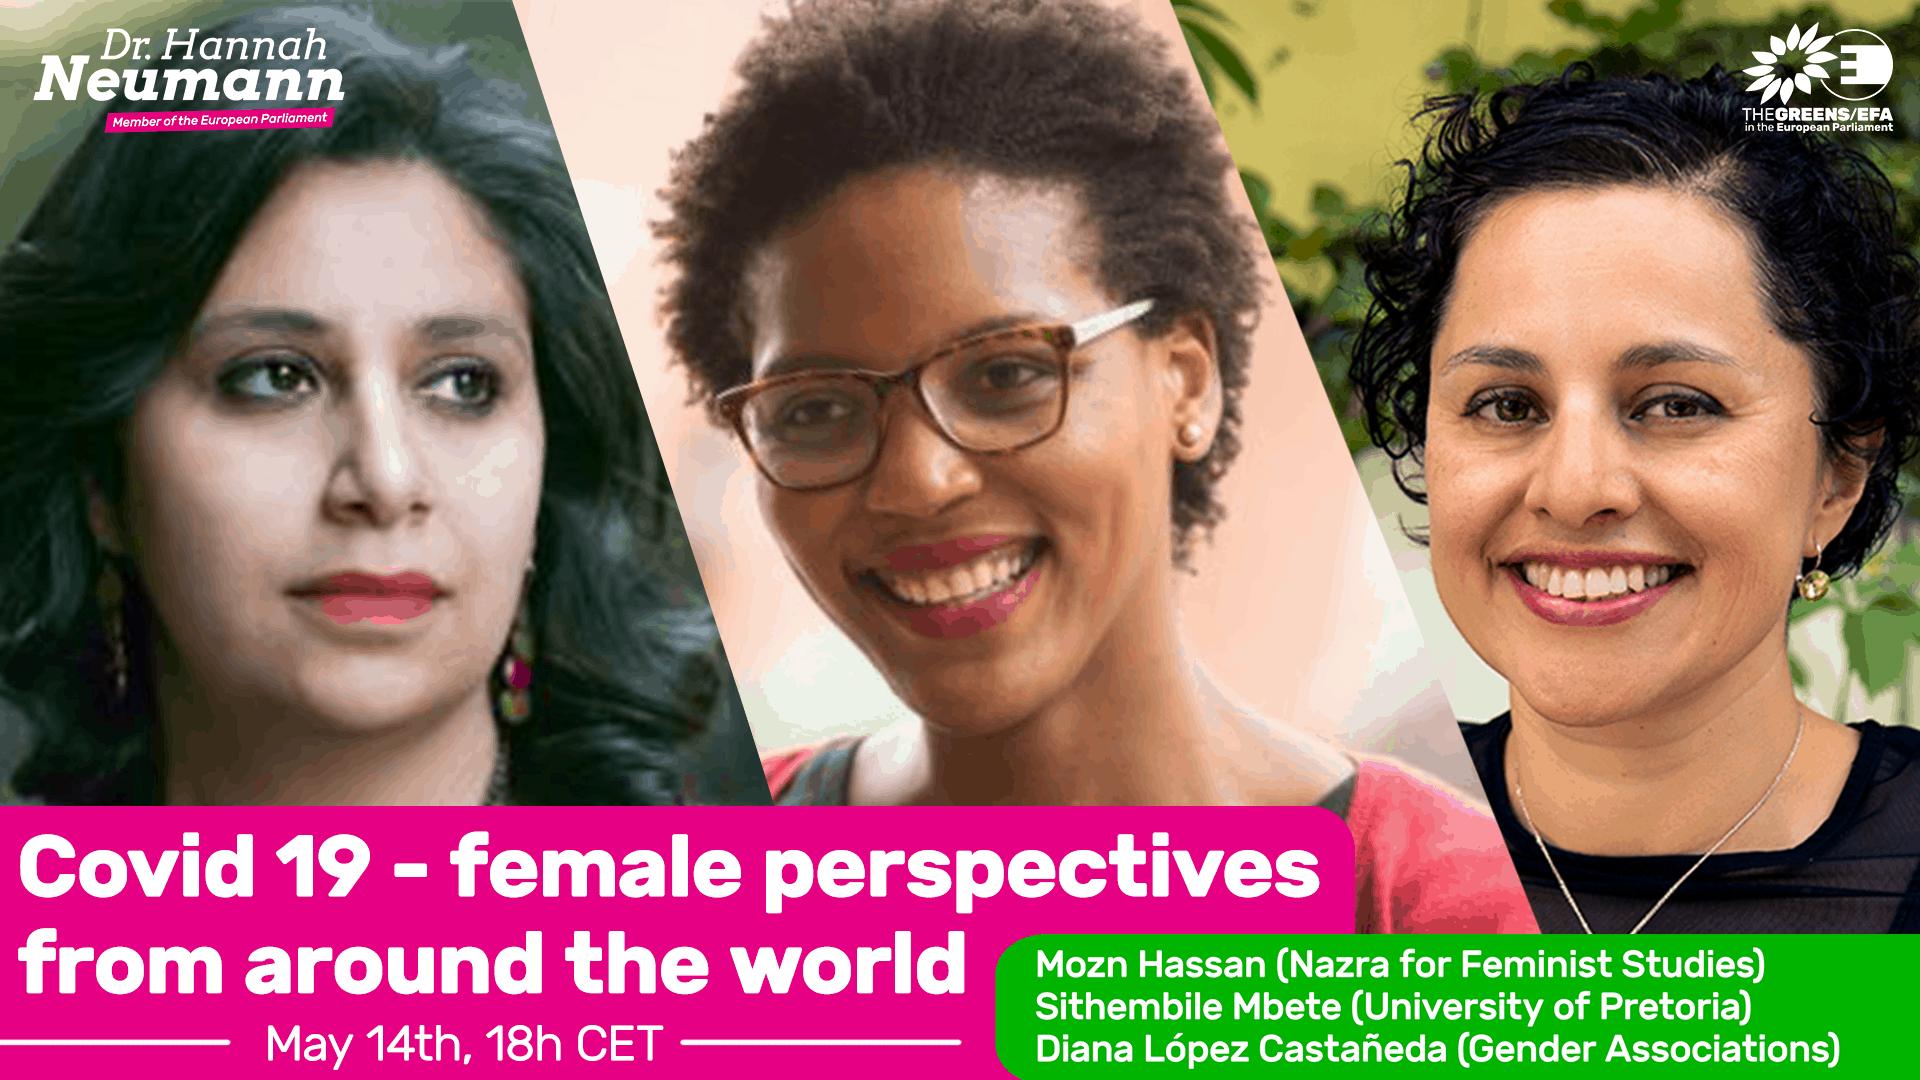 Feministische Perspektiven auf die Corona-Pandemie - mein Webinar